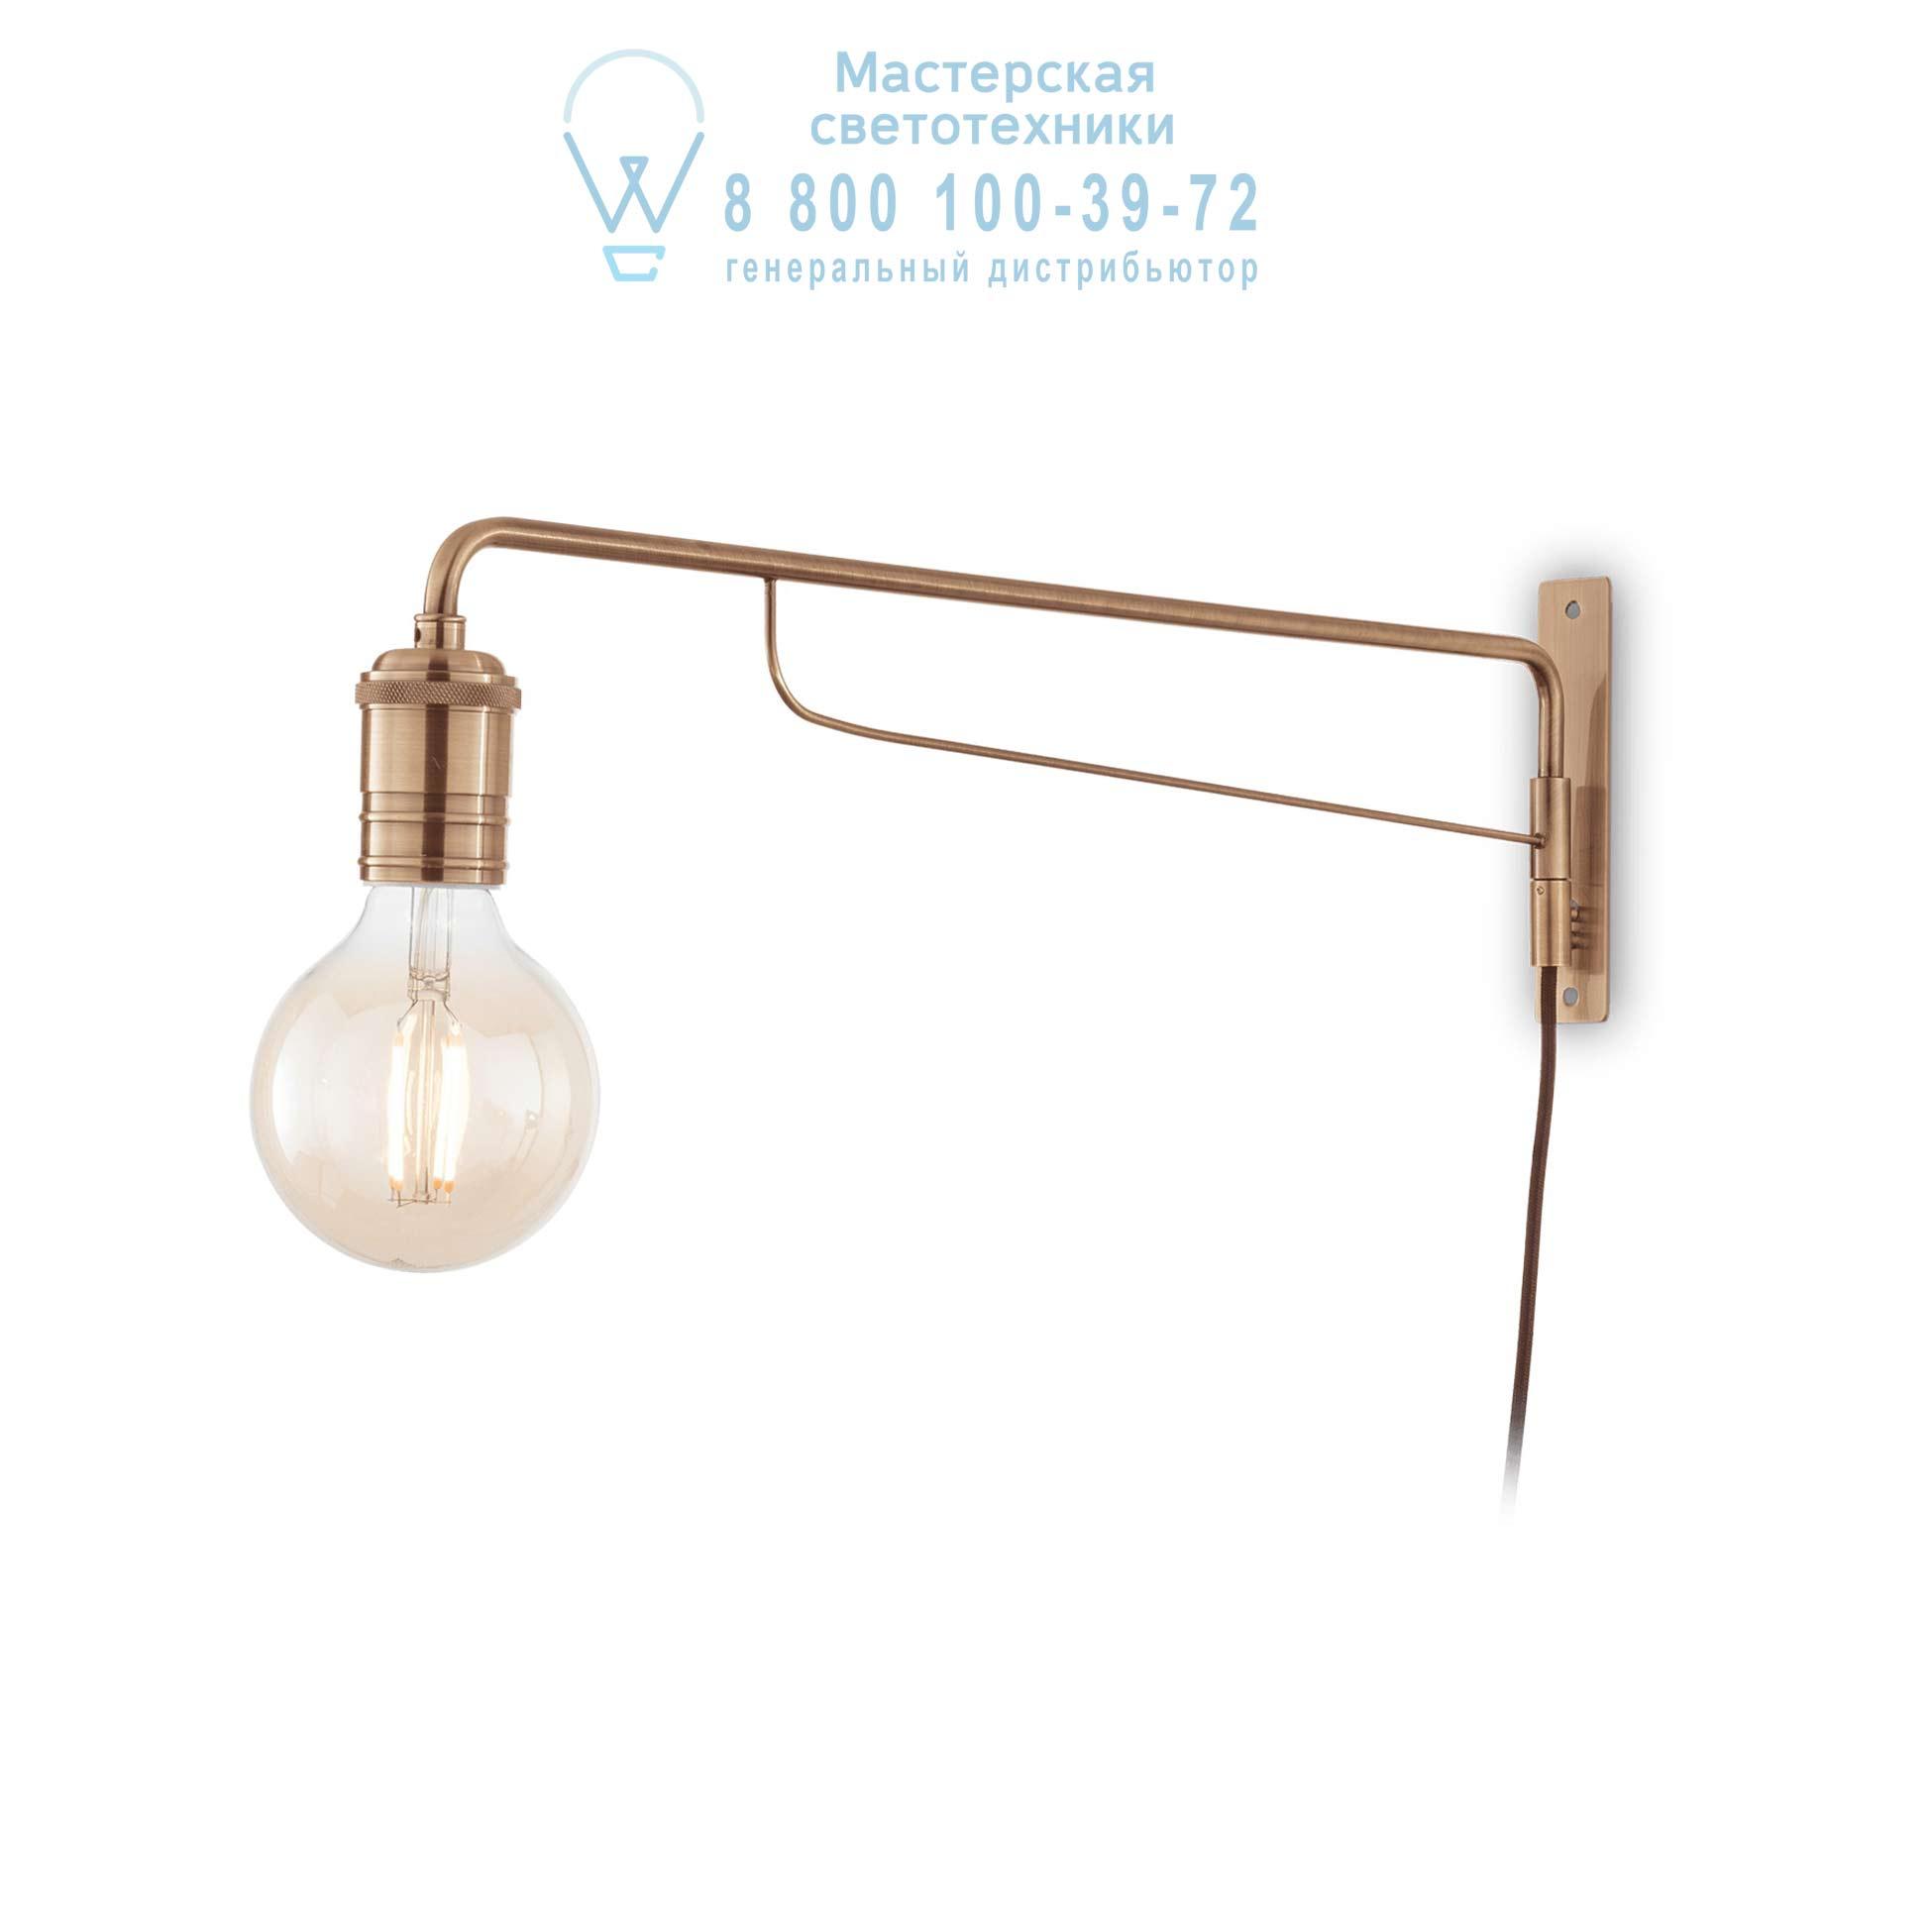 TRIUMPH AP1 накладной светильник